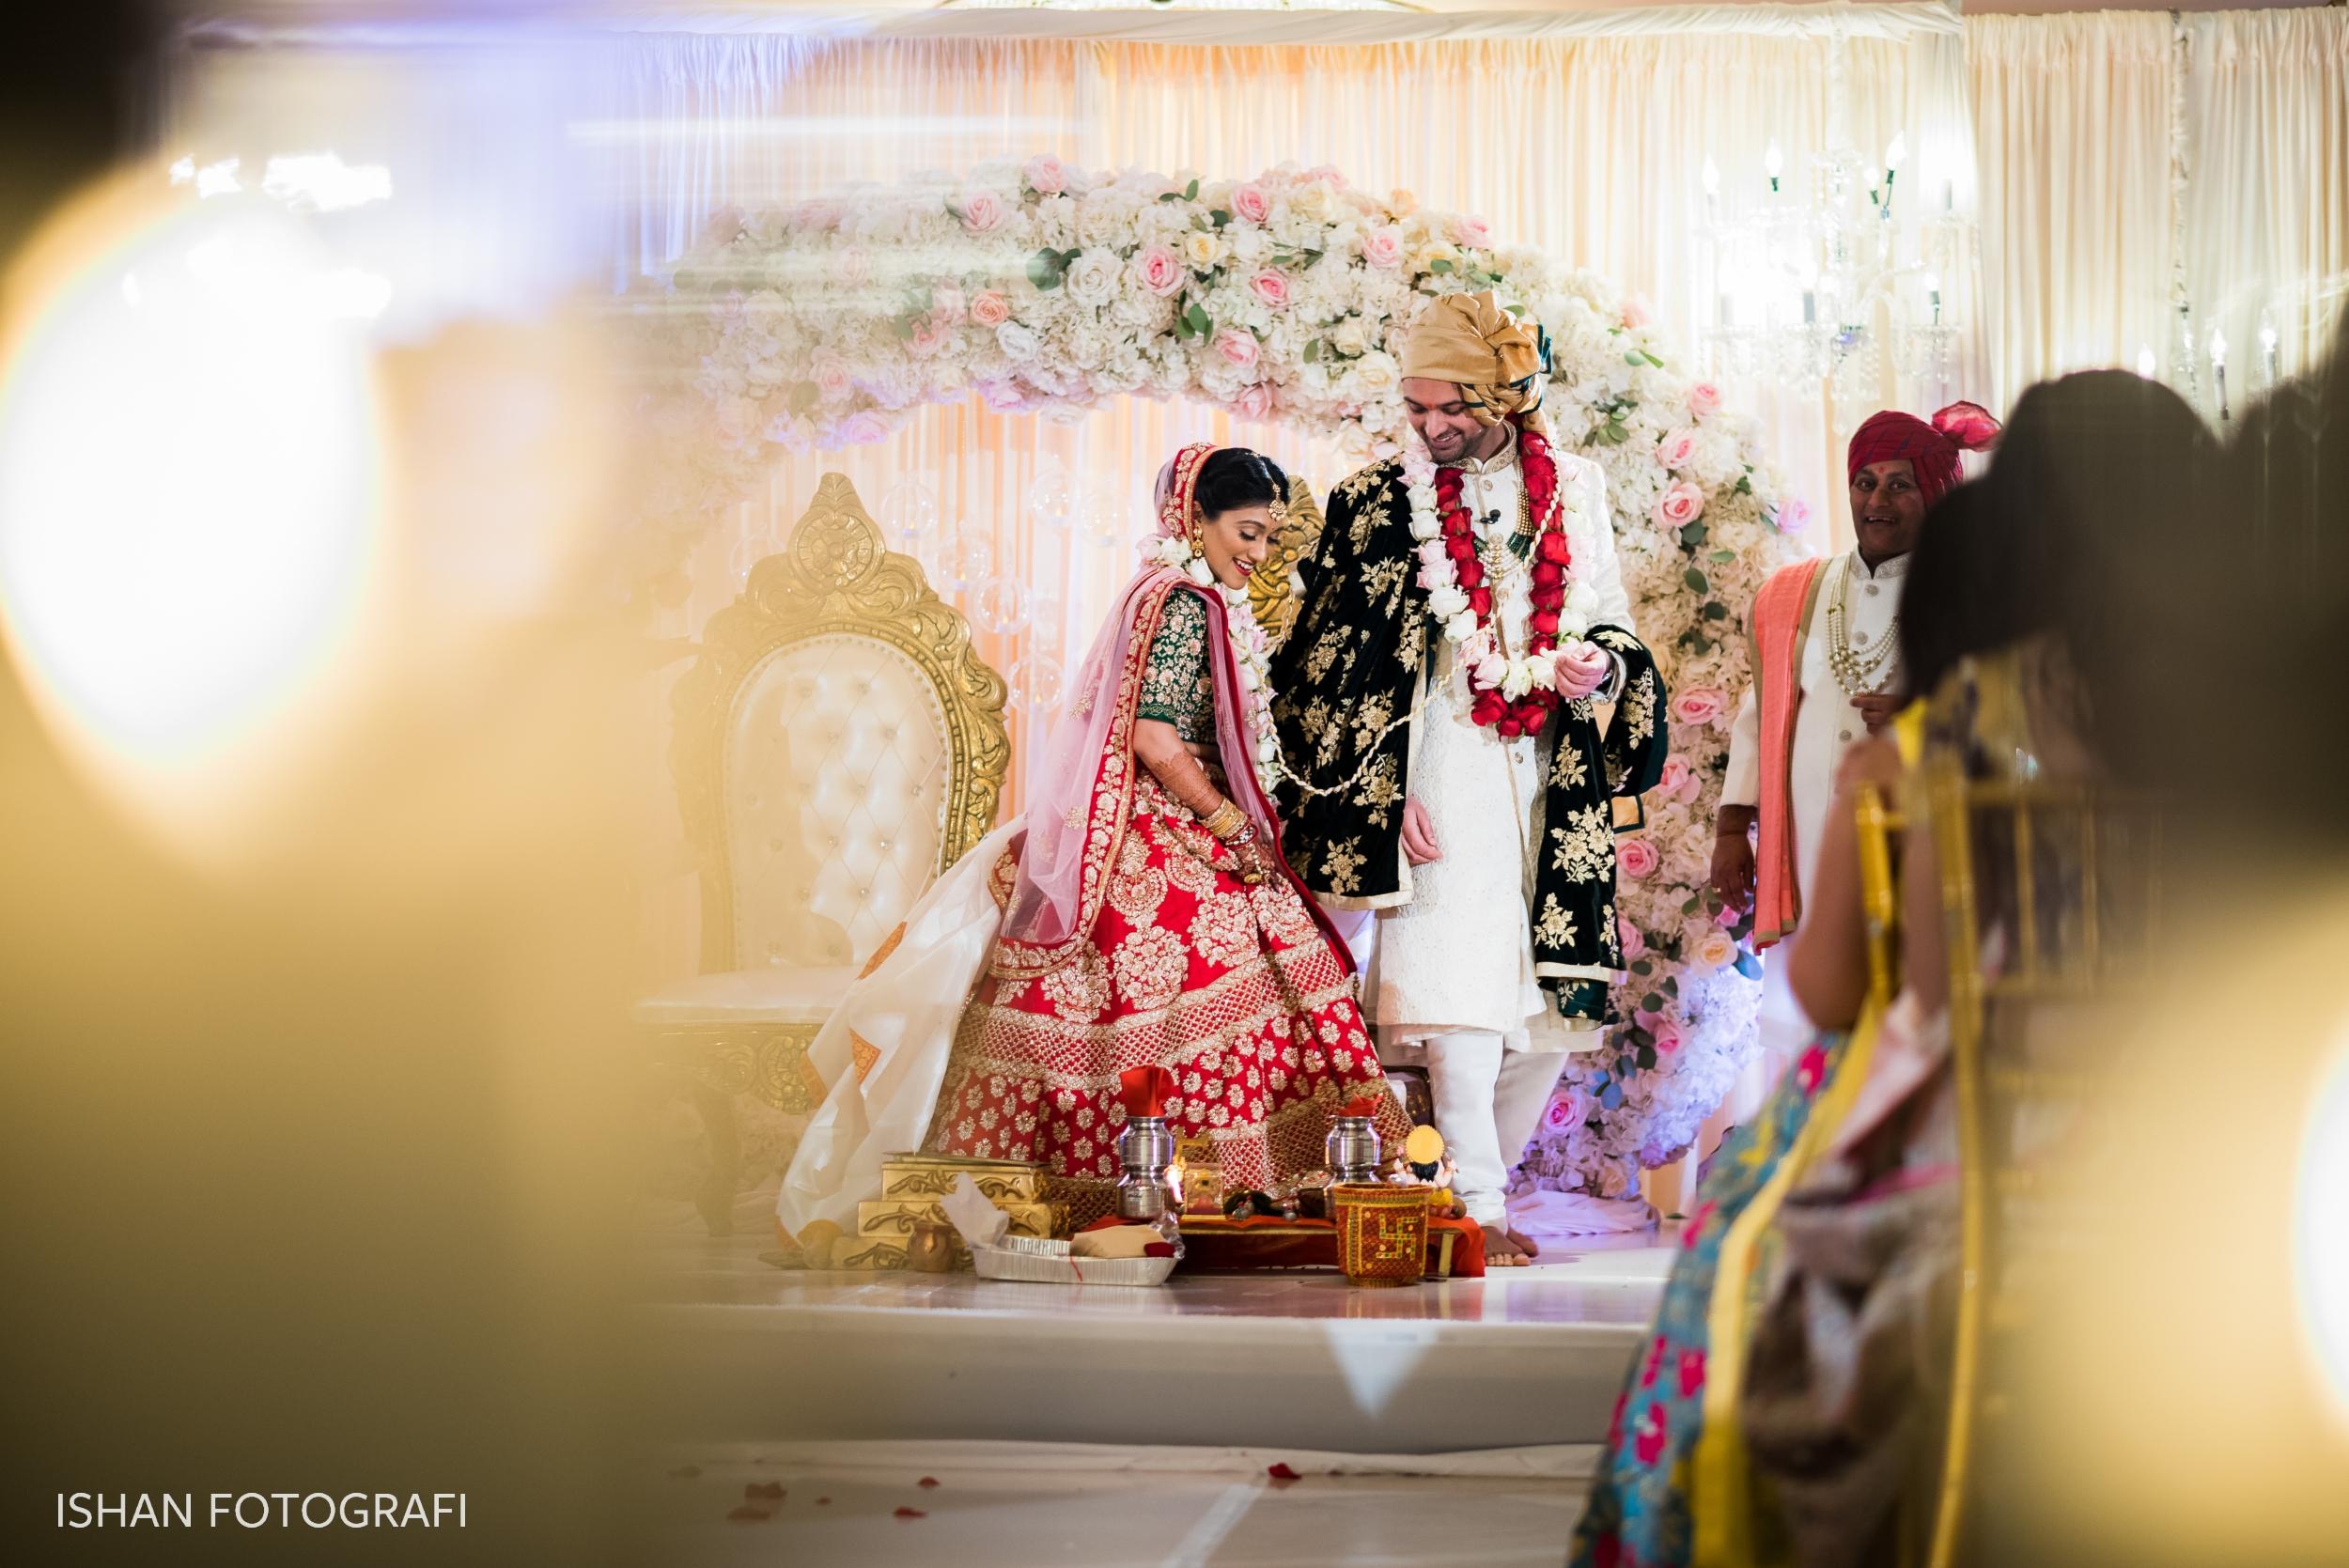 leonard's-palazzo-wedding-ceremony-photos